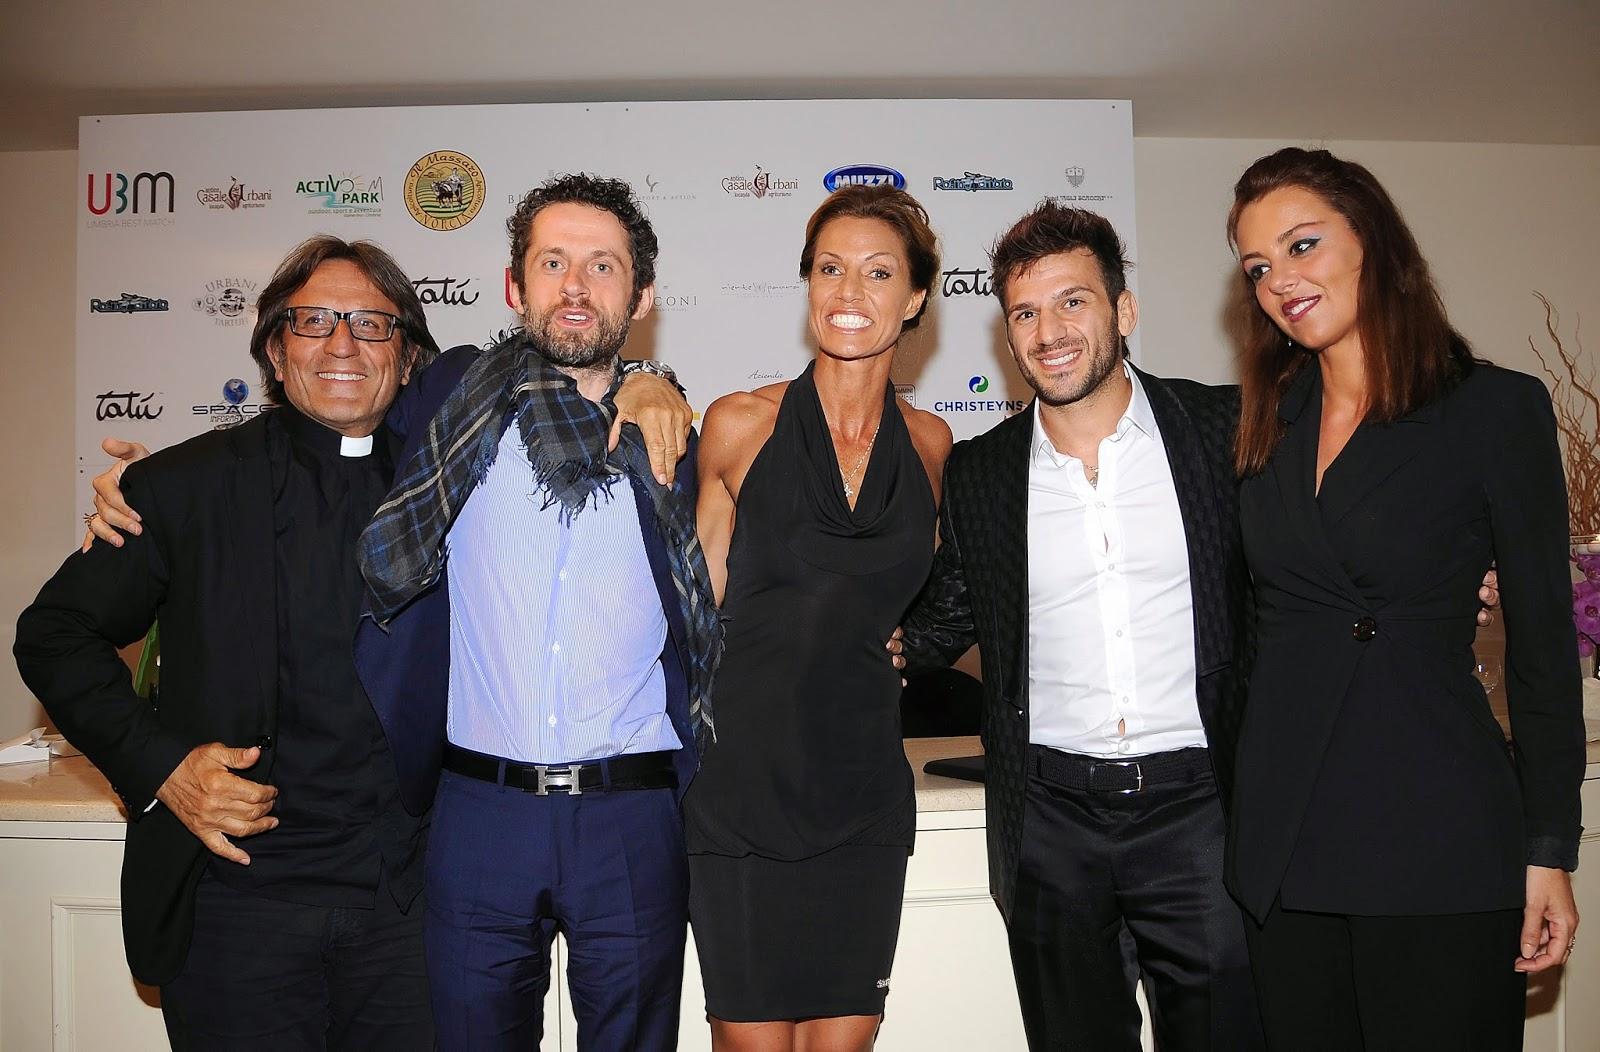 Benedettelli, Don Aniello, Fabio Salvatore, Annalisa Minetti, Marco Maddaloni